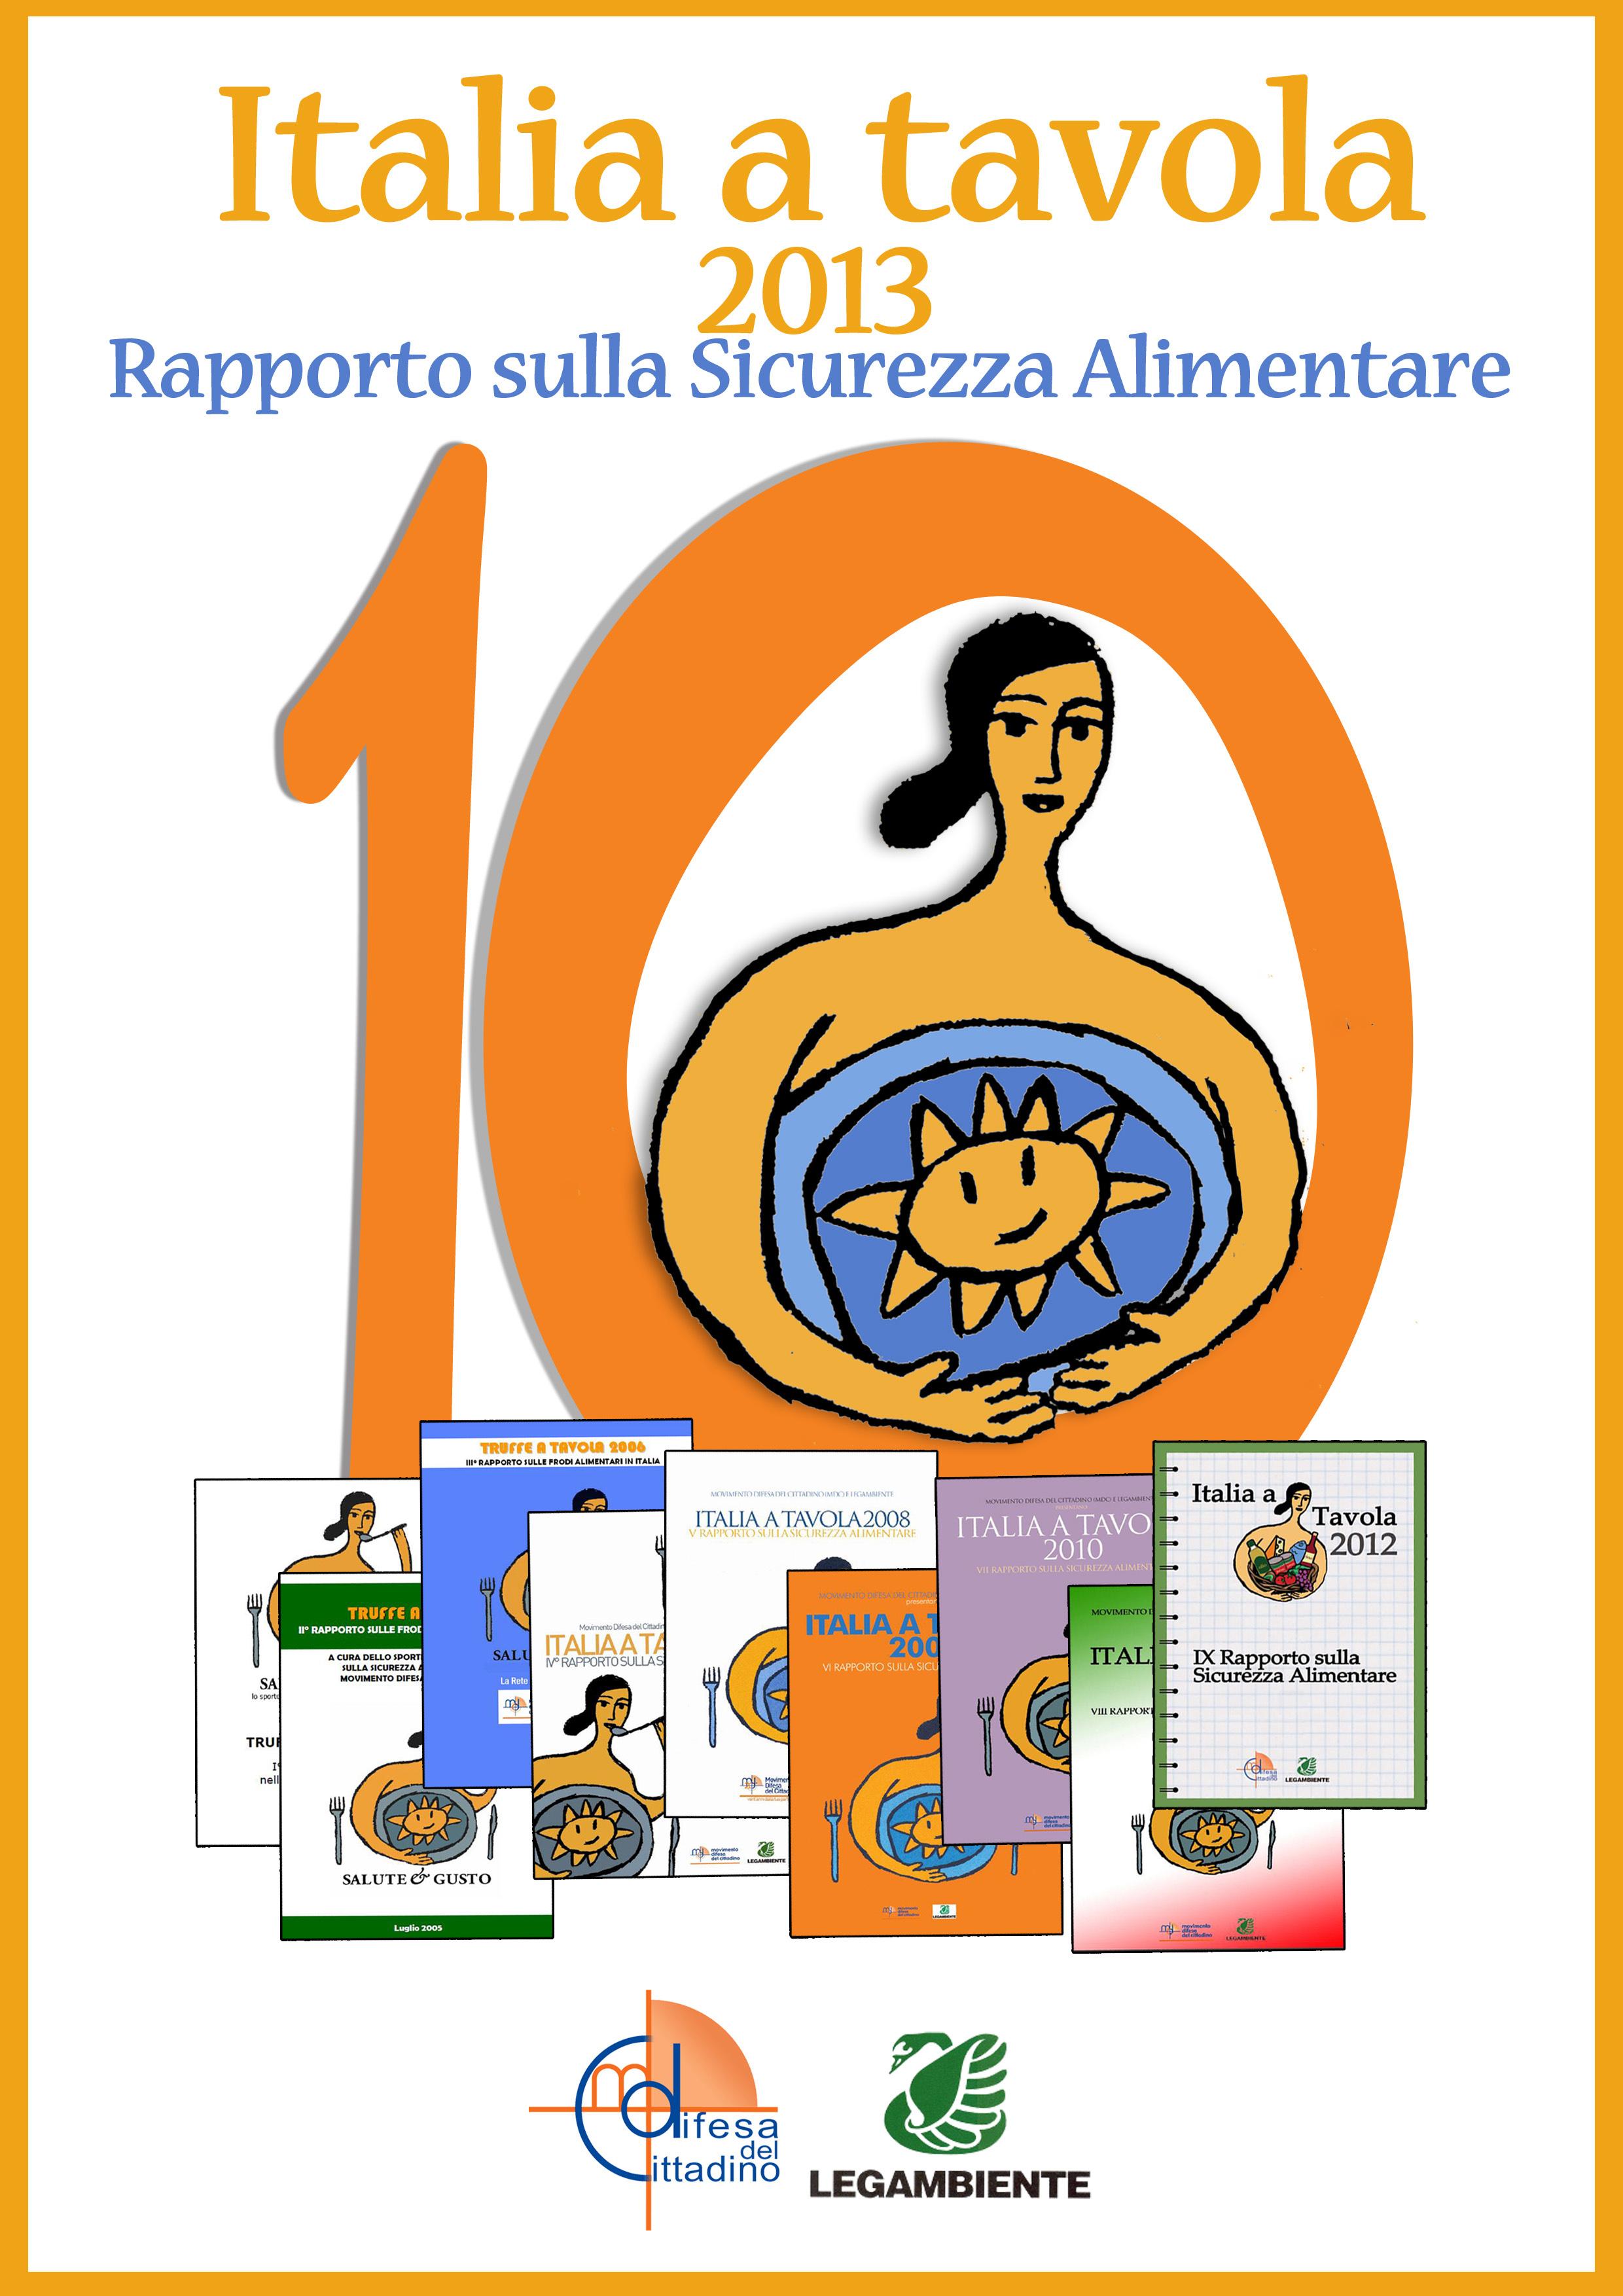 Sicurezza alimentare, ecco il Rapporto sull'Italia a tavola